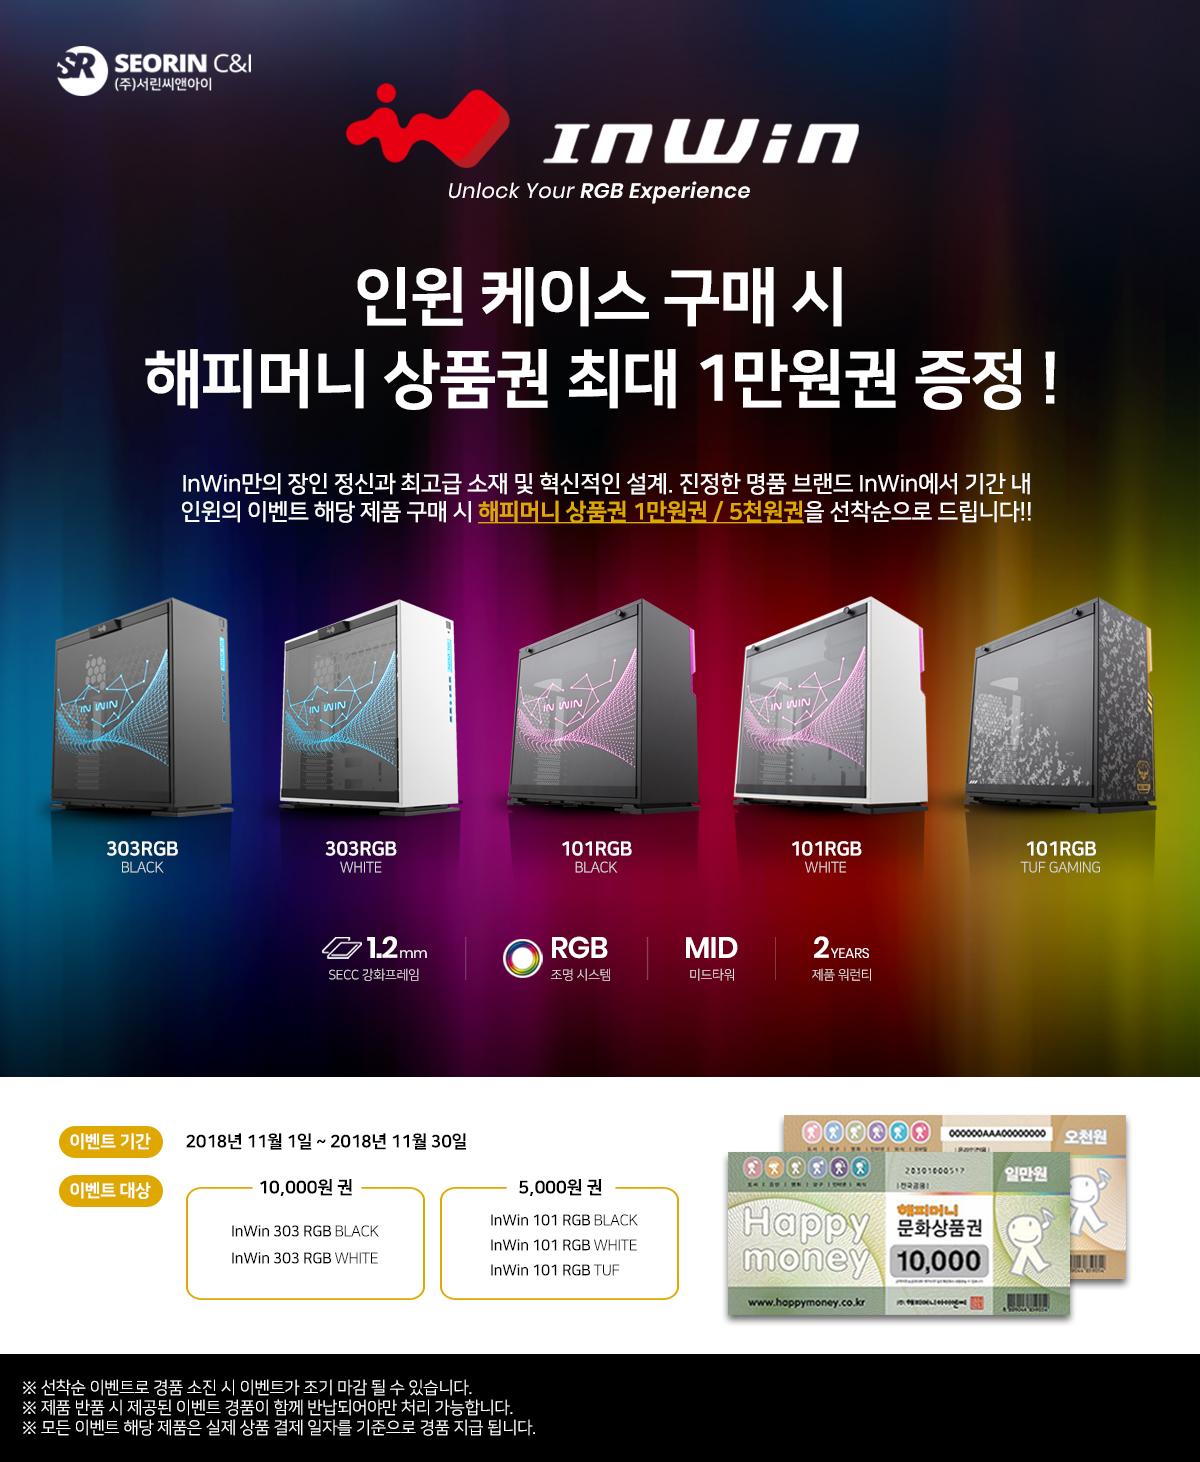 인윈 지정 PC케이스 제품 구매 시 해피머니 상품권 최대 1만원권 증정 이벤트!